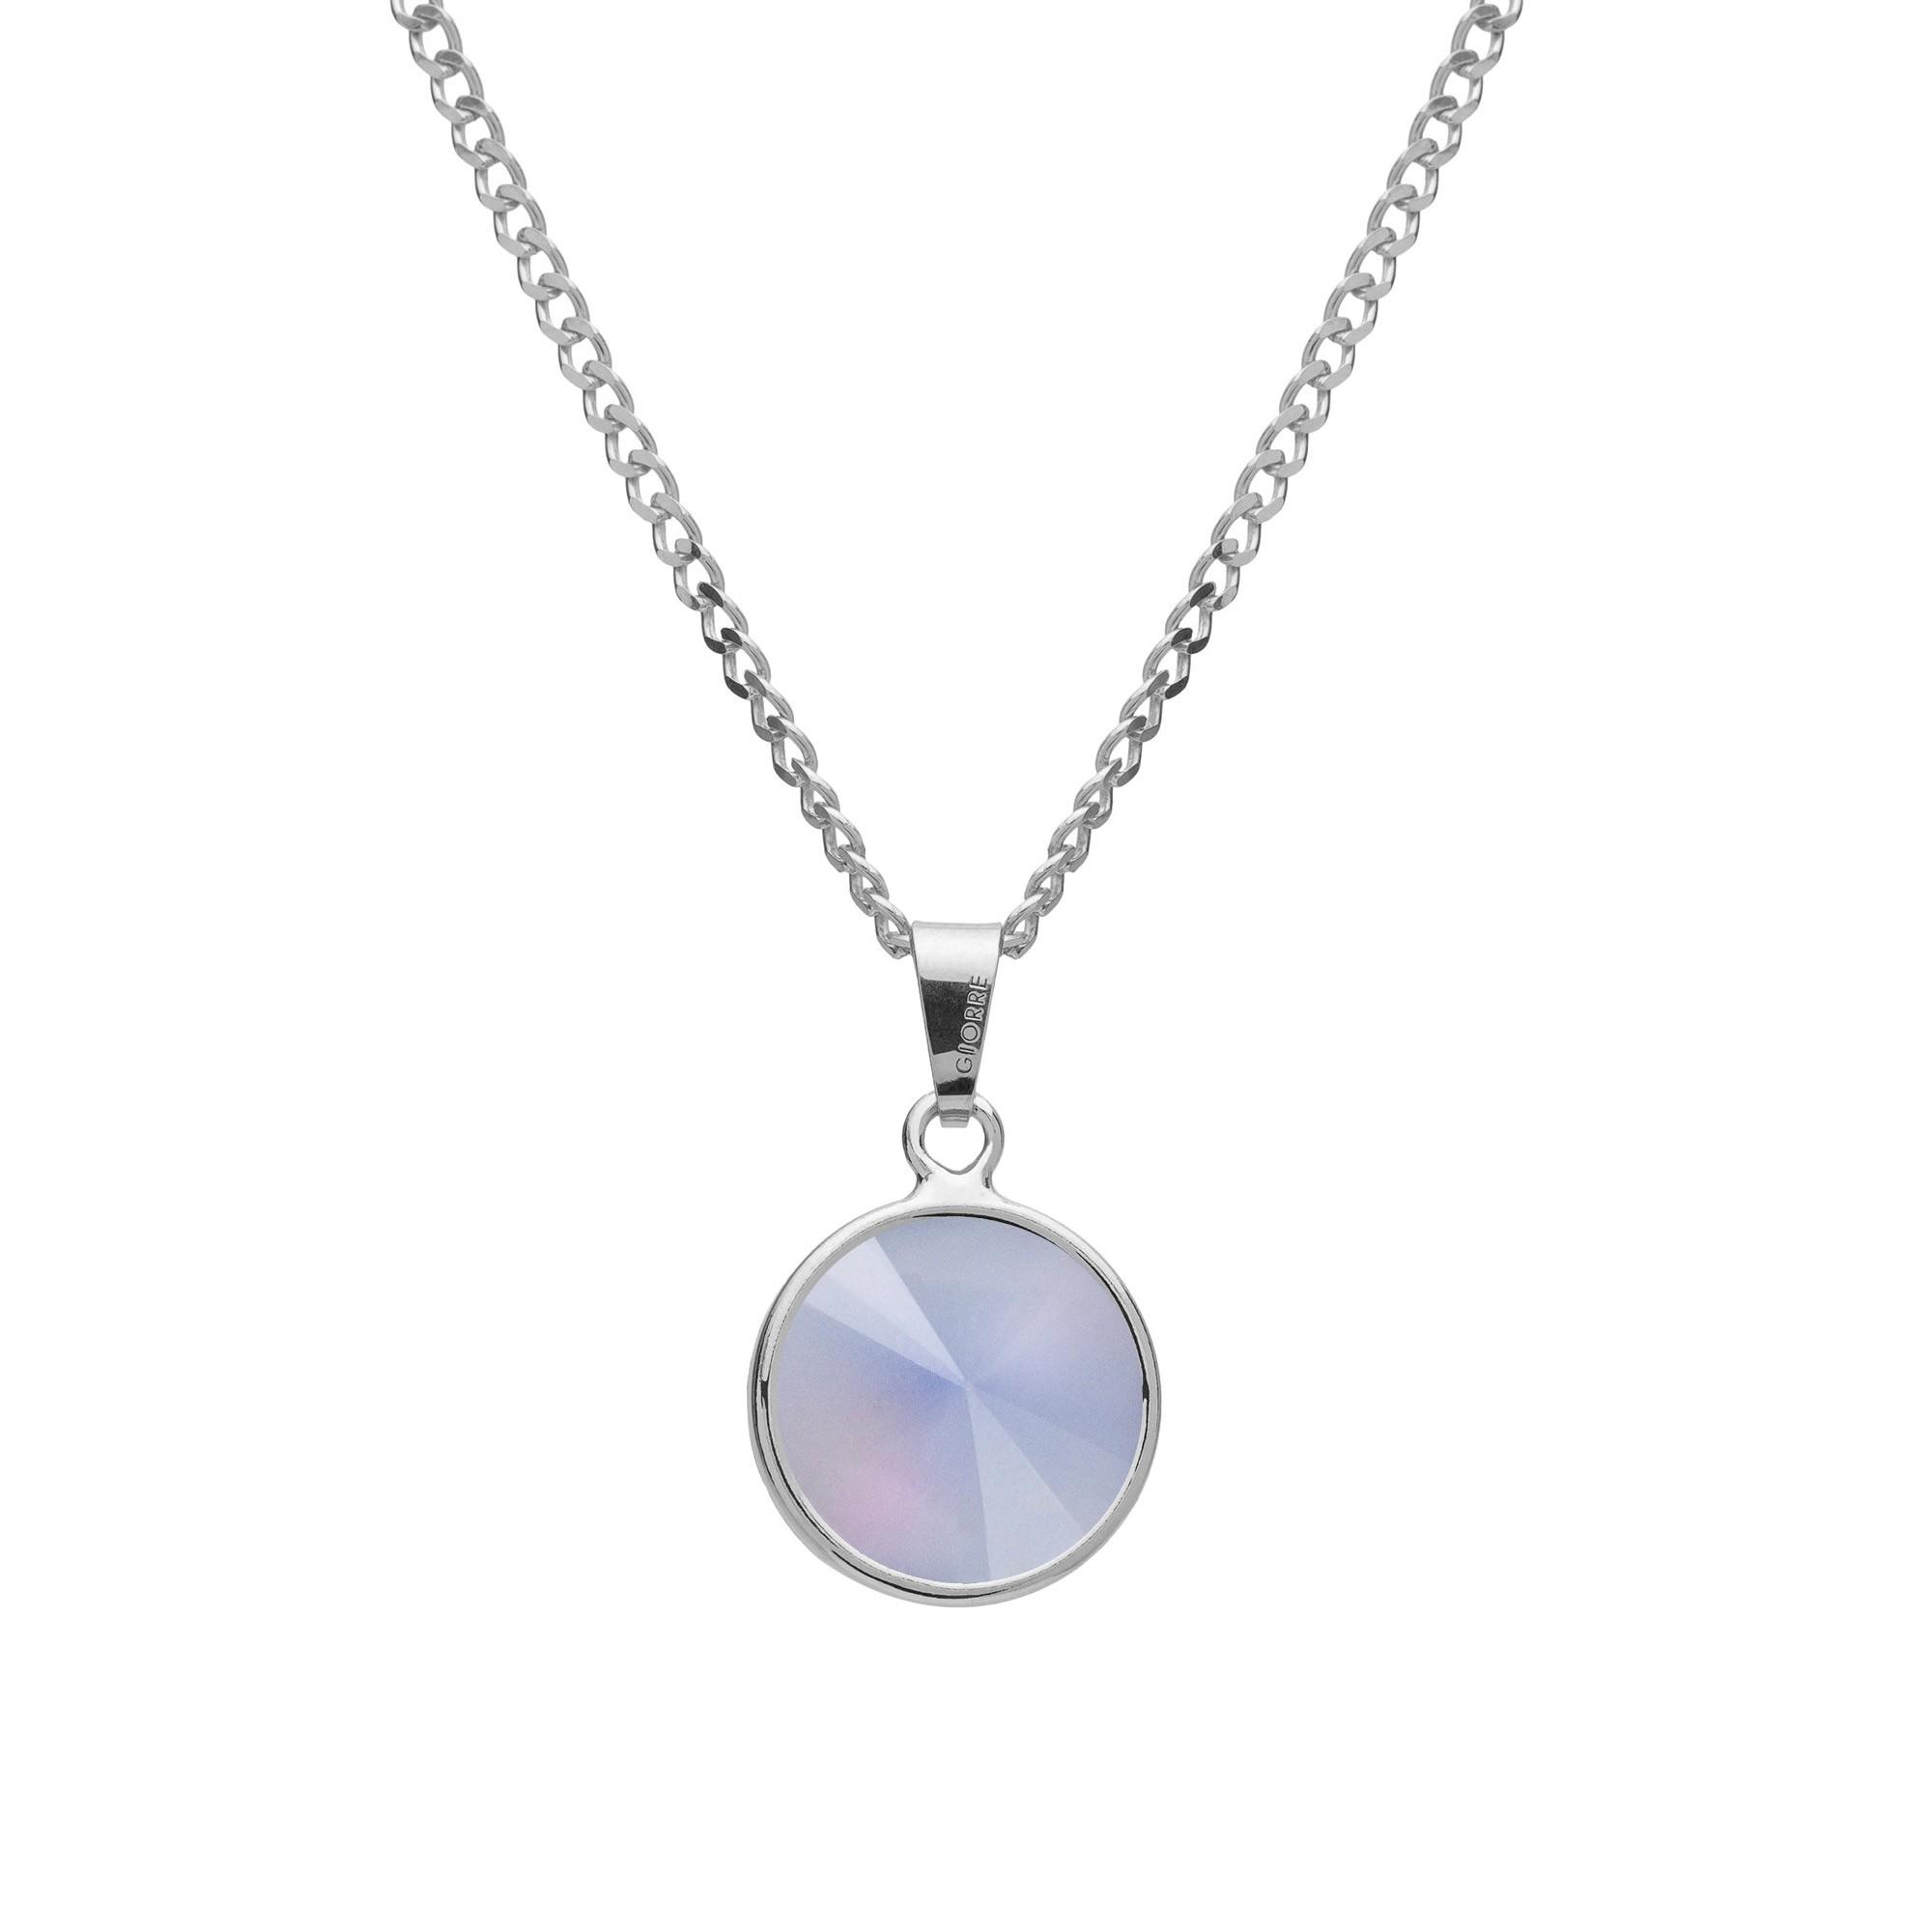 Srebrny naszyjnik z naturalnym kamieniem - kwarc biały srebro 925